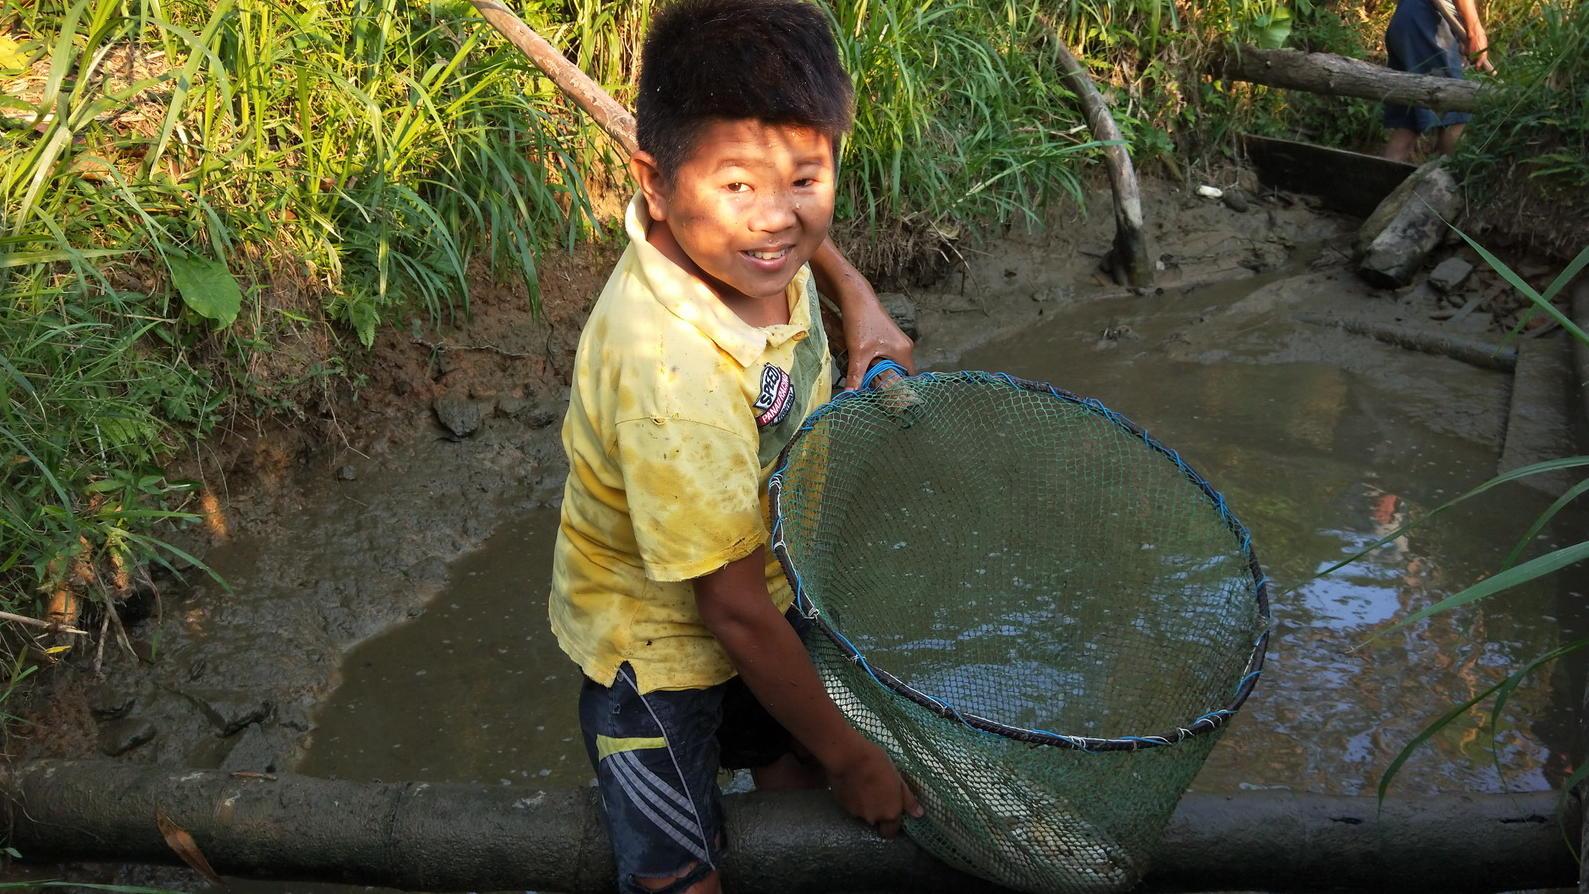 小小鱼塘也藏有大货,小六趁机放塘捉鱼,鱼儿肥美今晚晚餐有了